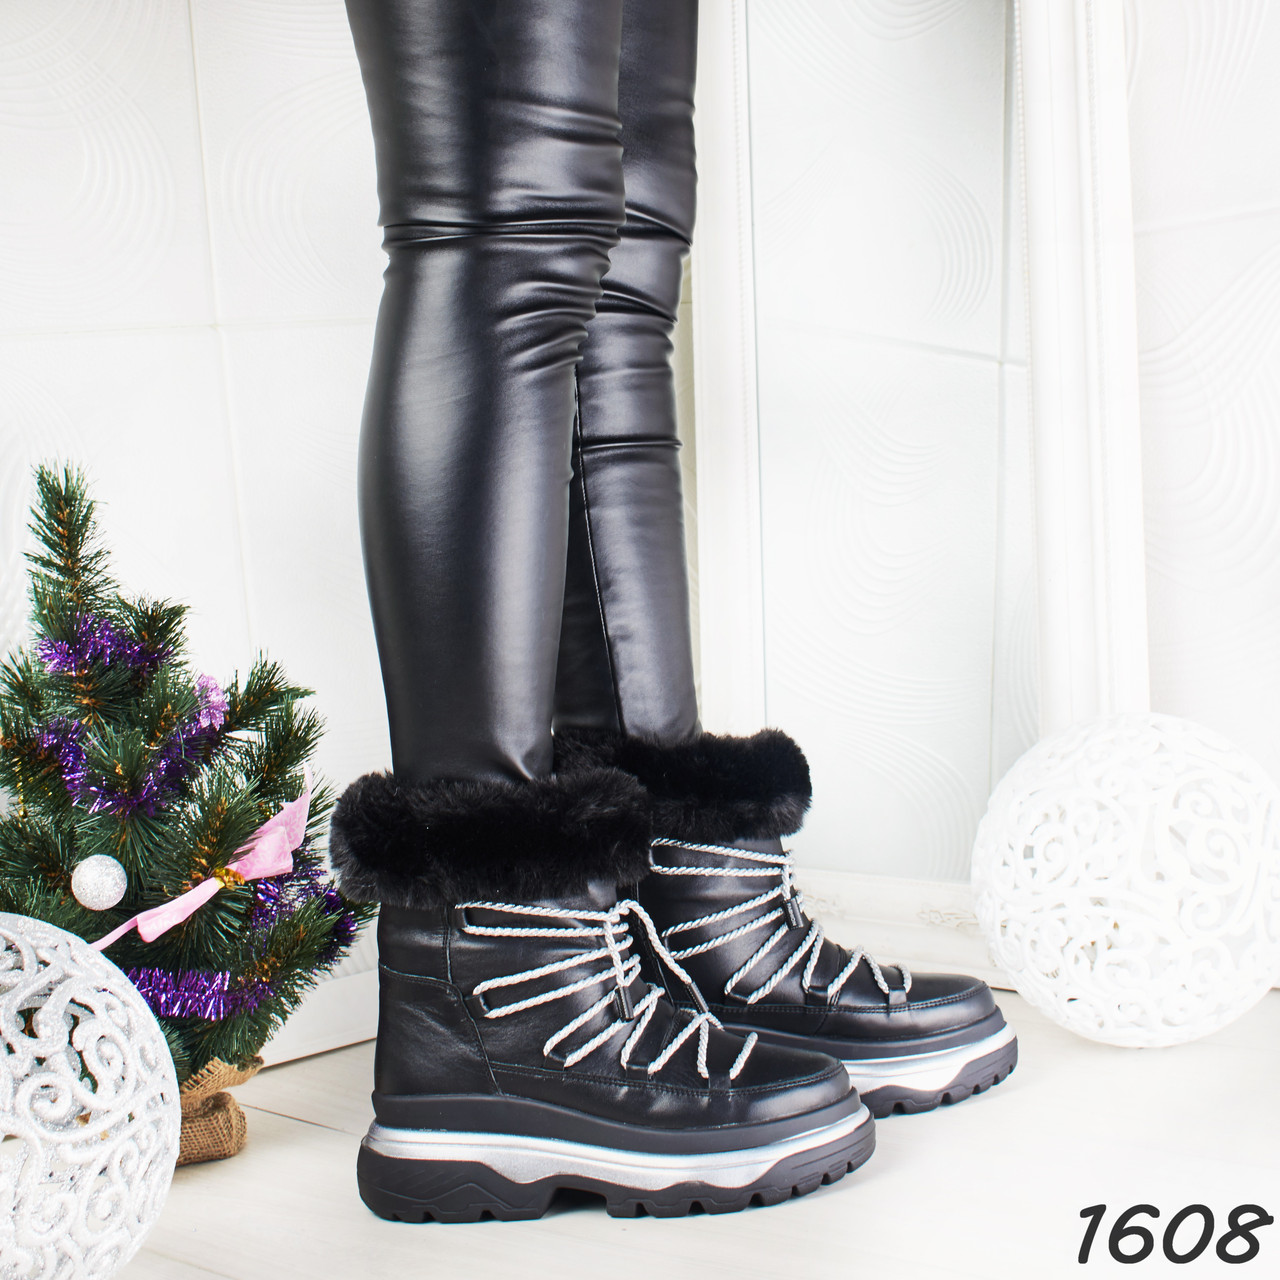 51b809b9e Ботинки женские зимние черные кожаные на подошве спортивные,из натуральной  кожи,натуральная кожа,зима